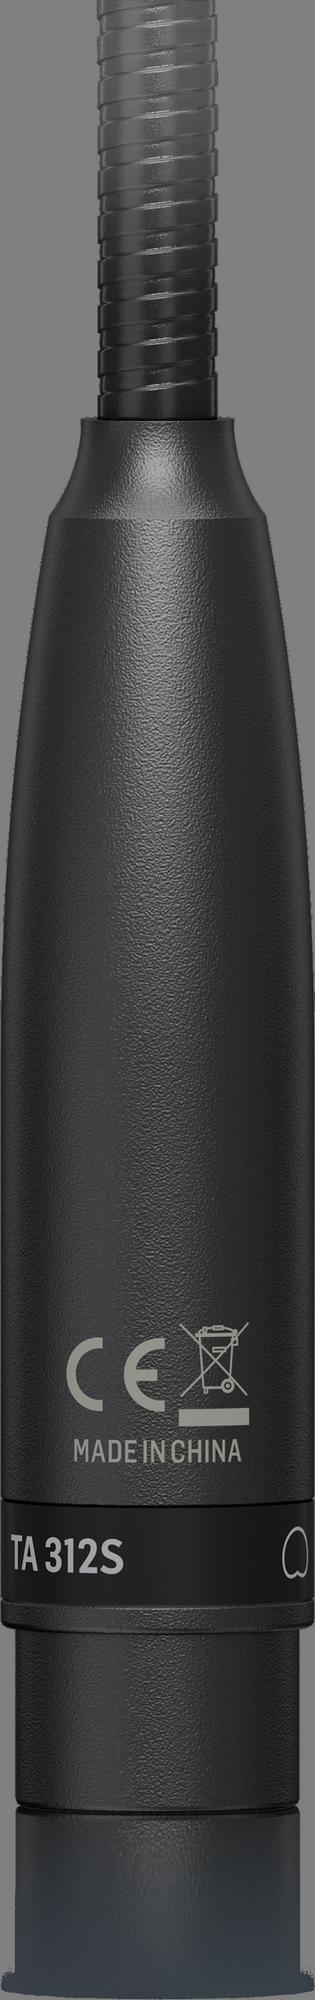 Behringer TA 312S - Gooseneck Mikrofon